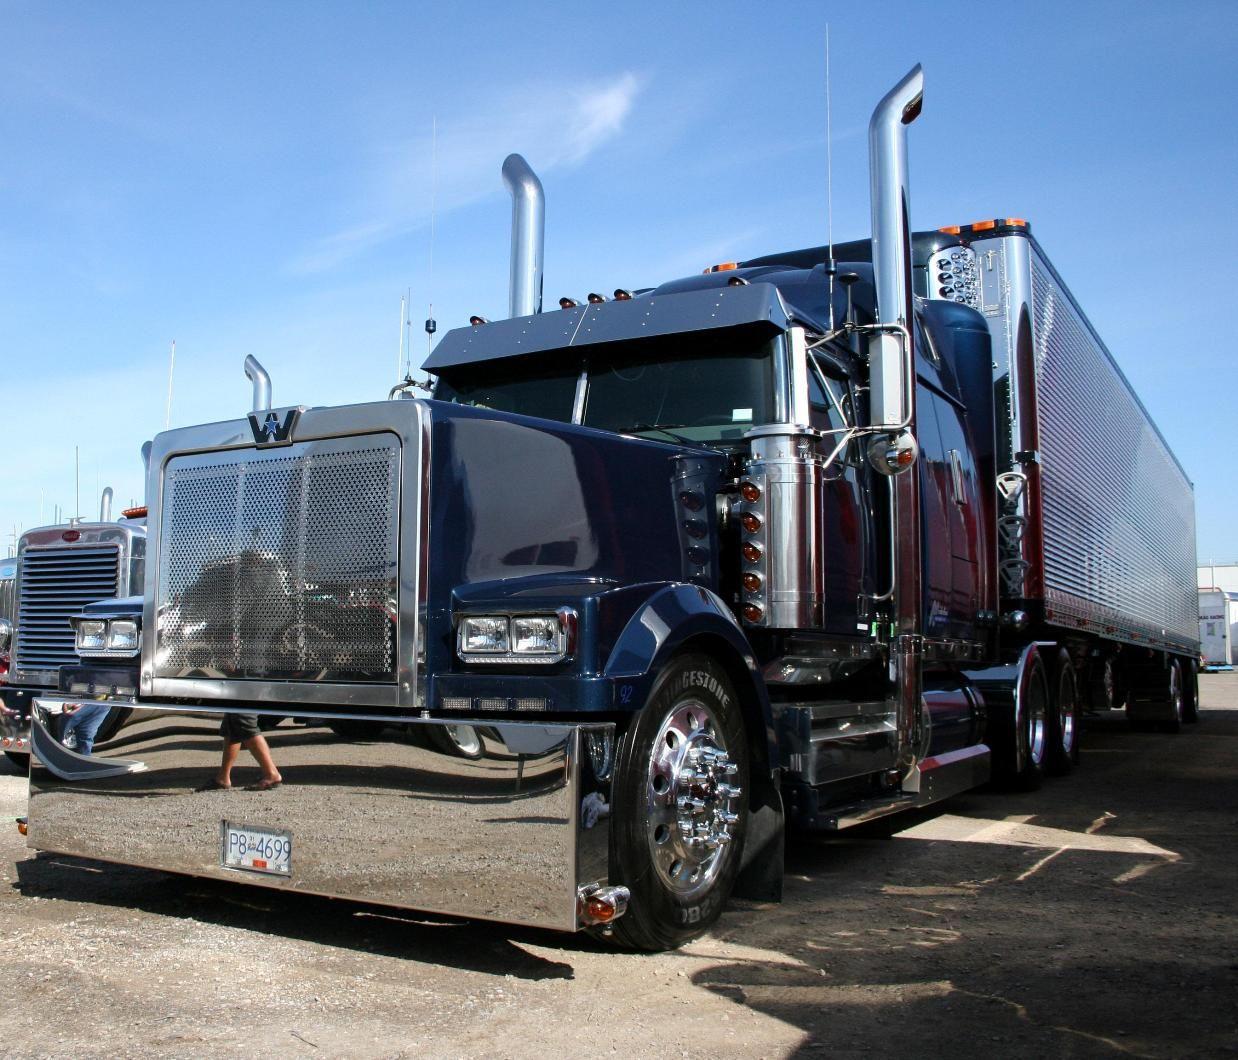 Trucking Western star trucks, Big trucks, Built truck